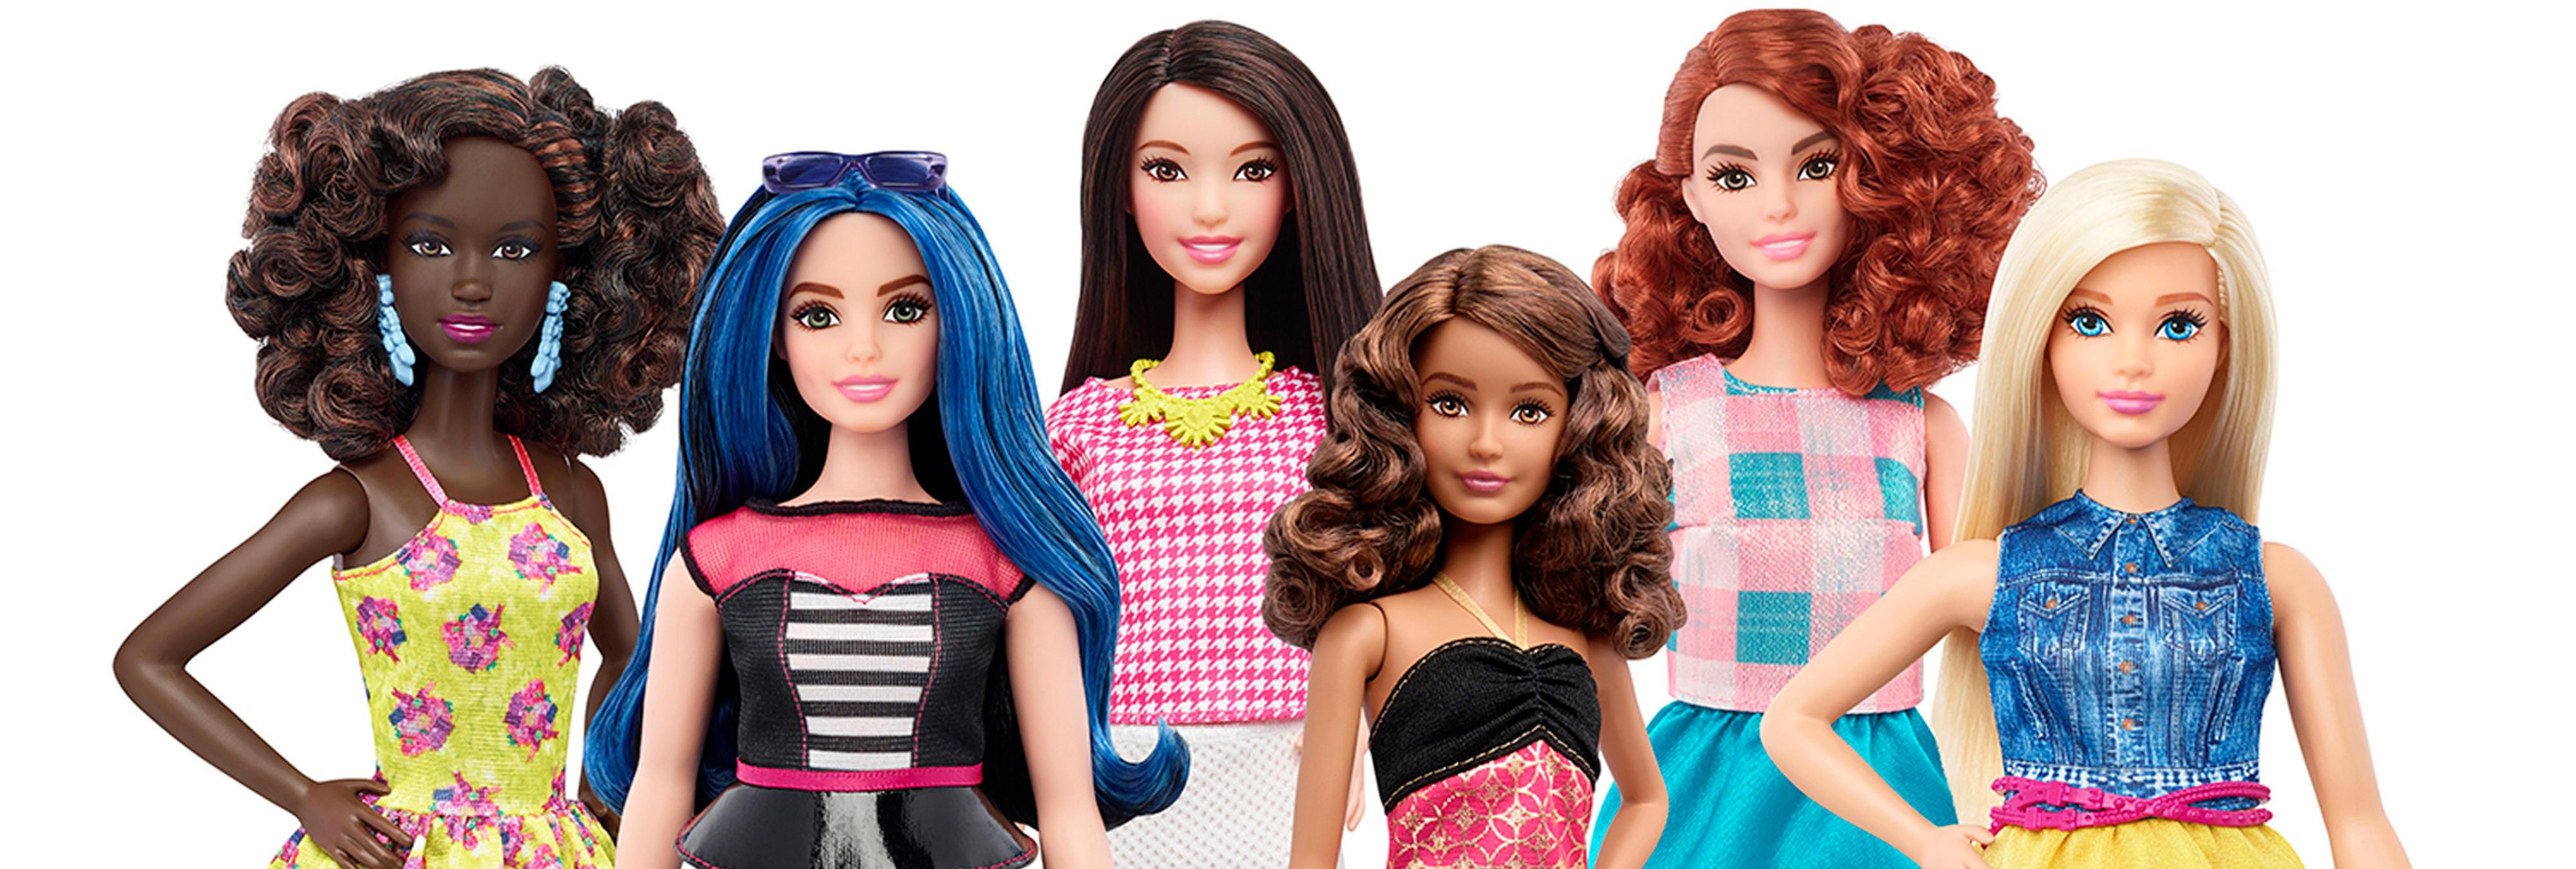 Llegan las nuevas Barbies: bajitas y con curvas